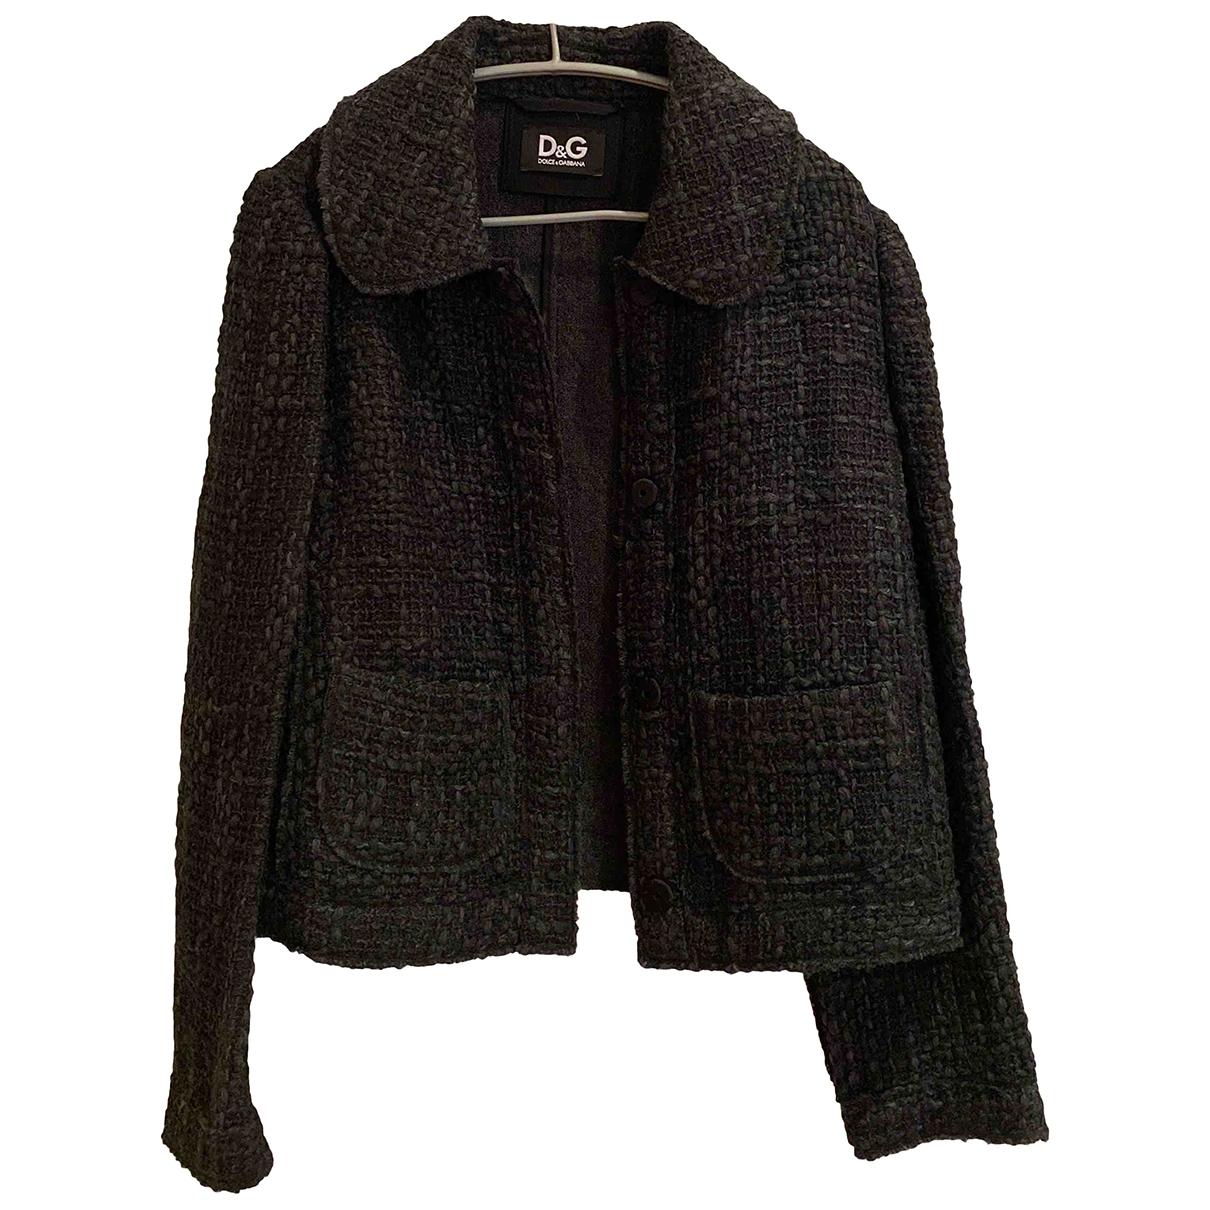 D&g - Veste   pour femme en laine - gris